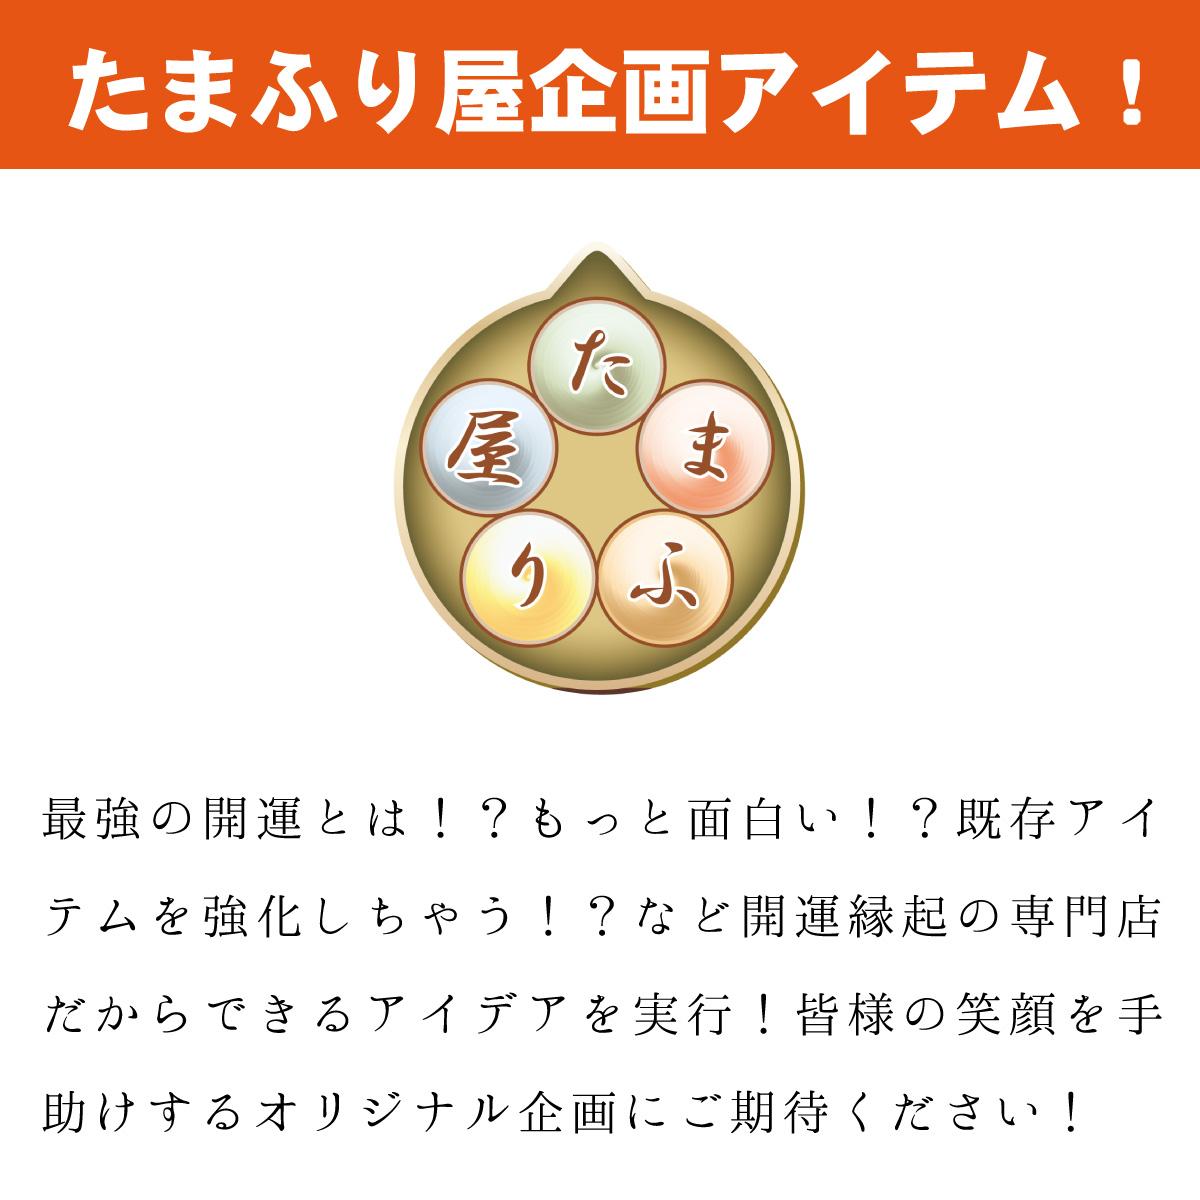 【霊符・御守】 ゴールデンタリスマン 陰陽五帝神符 ≫厄除け安定